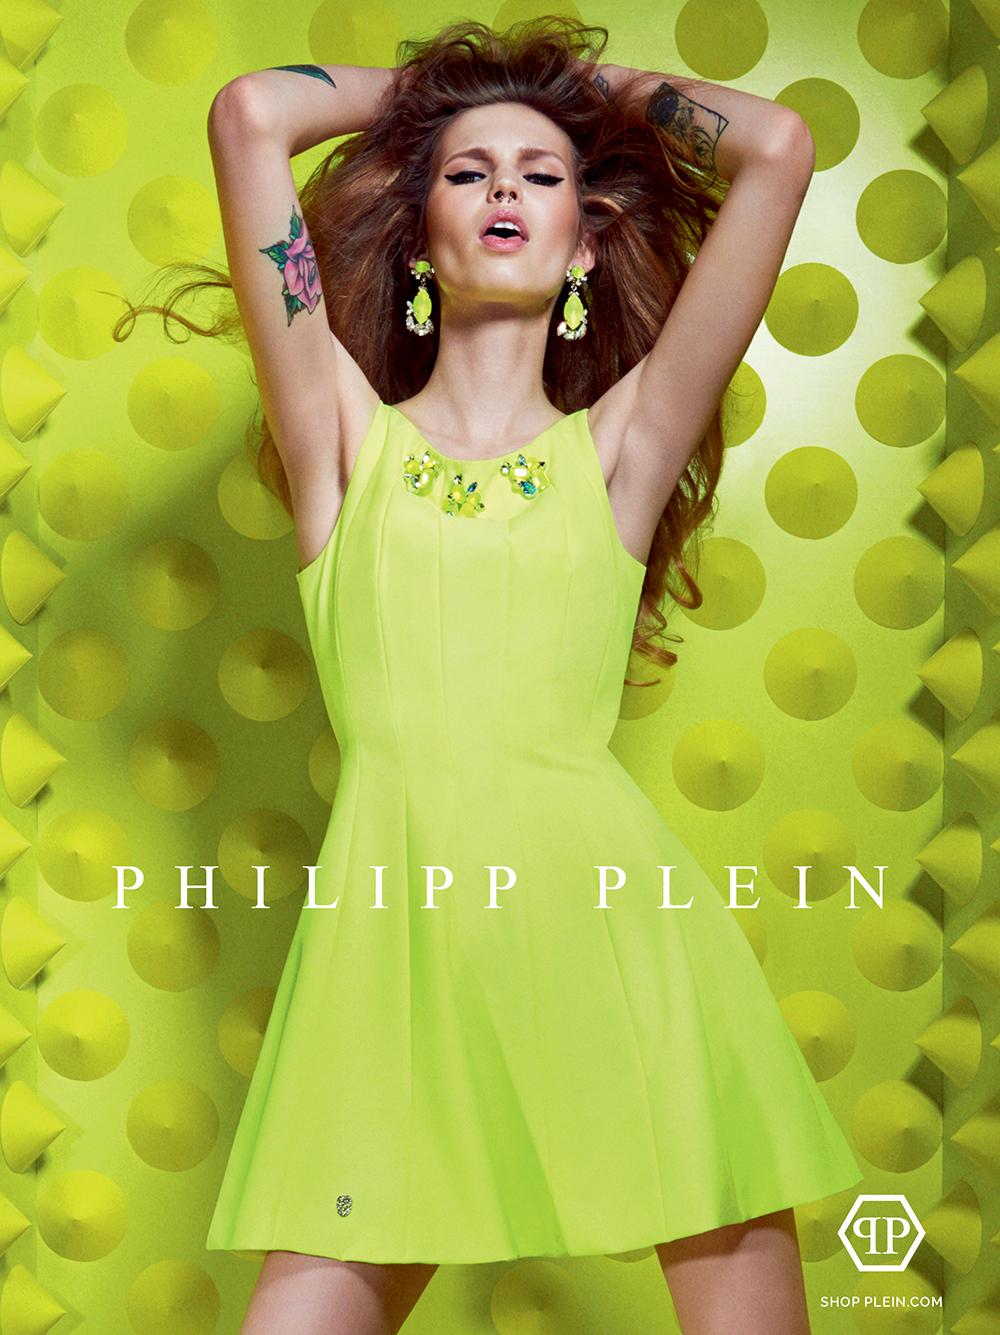 Philipp Plein Cruise collection 2015 Campaign (3)